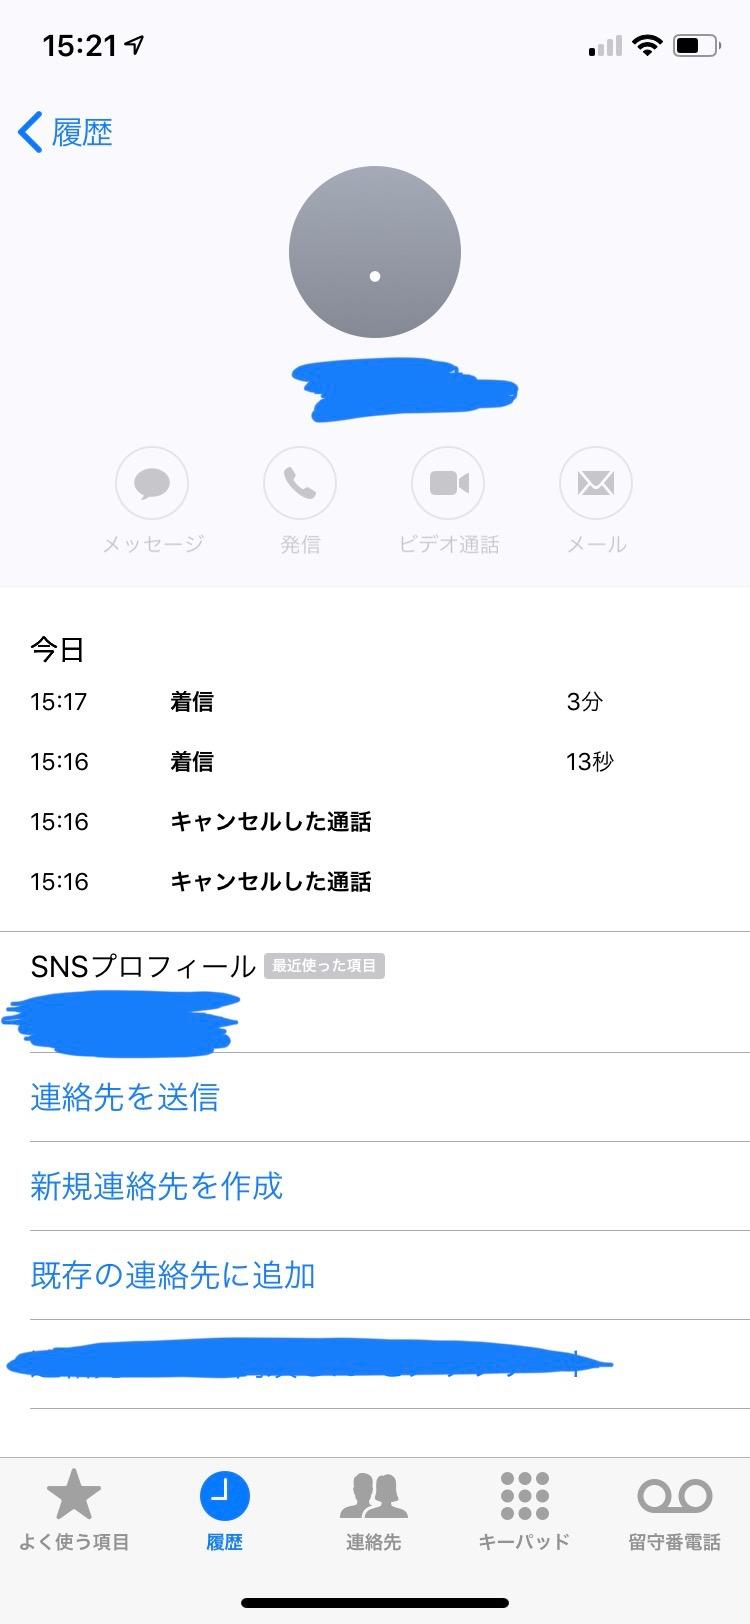 履歴 残ら ない iphone 電話